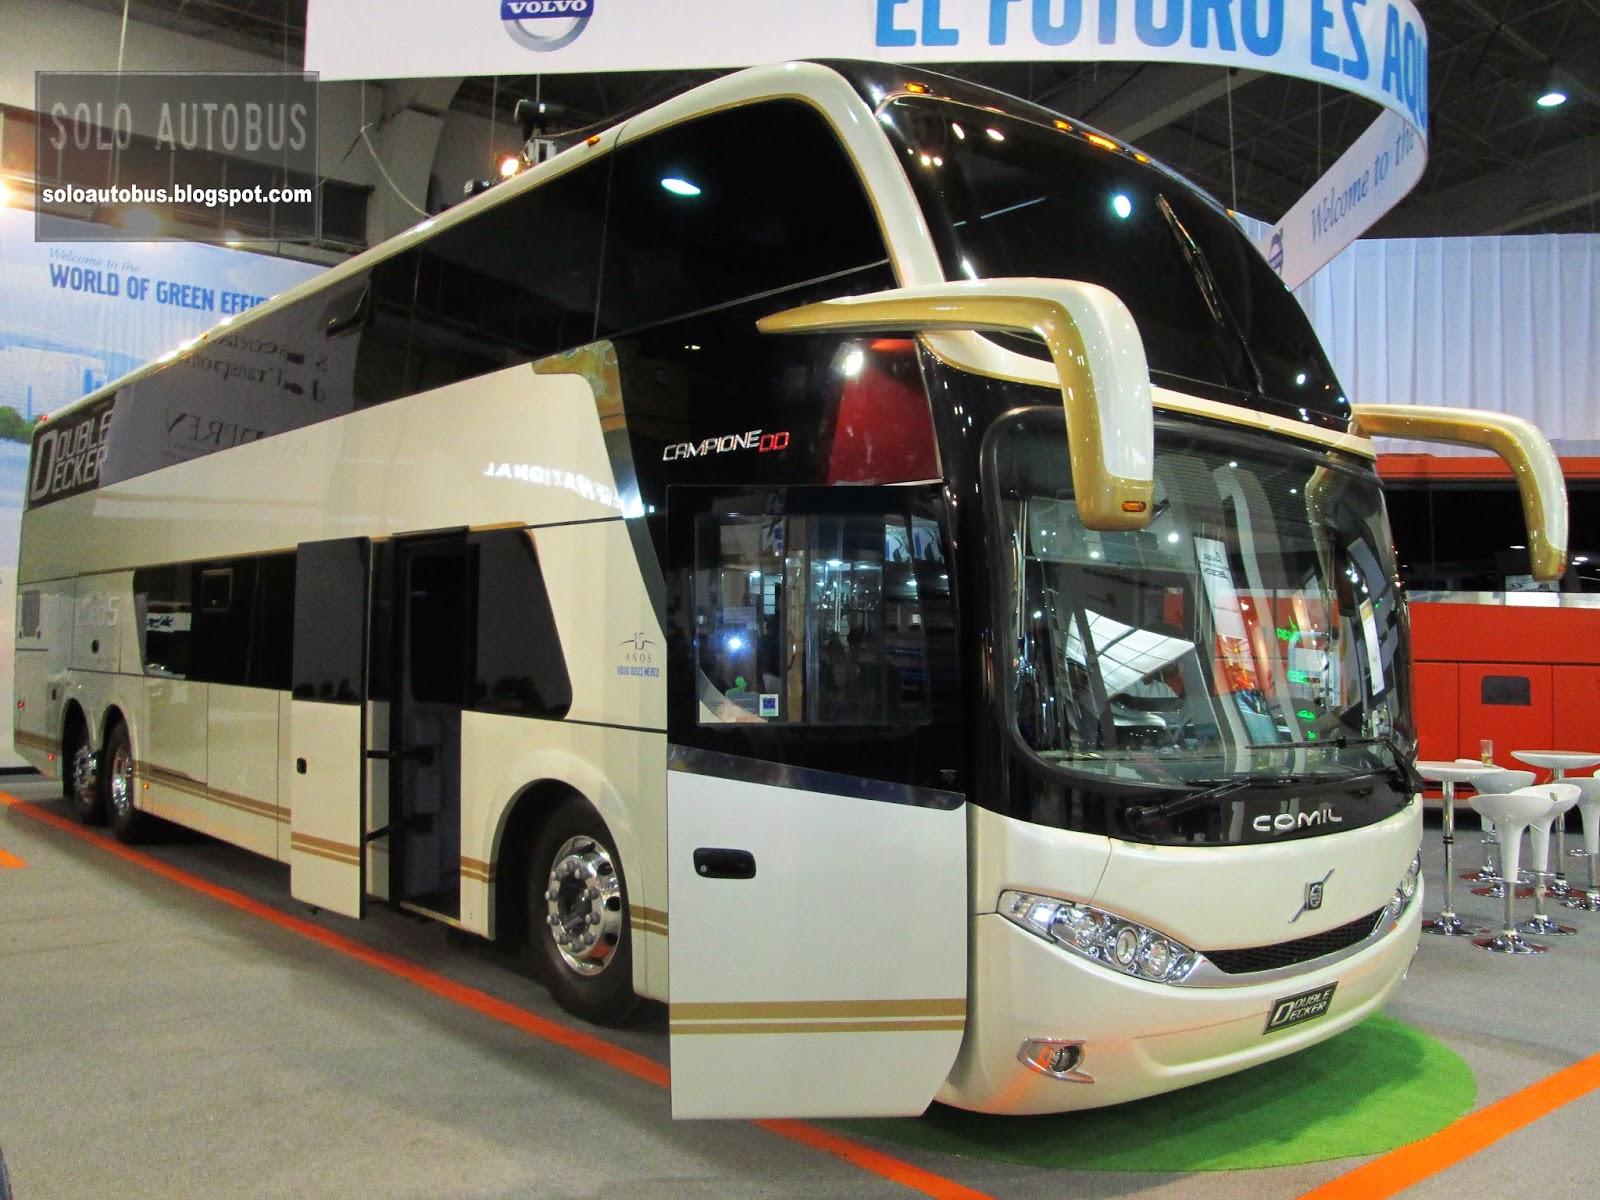 Soloautobus volvo comil campione dd - Autobuses de dos pisos ...